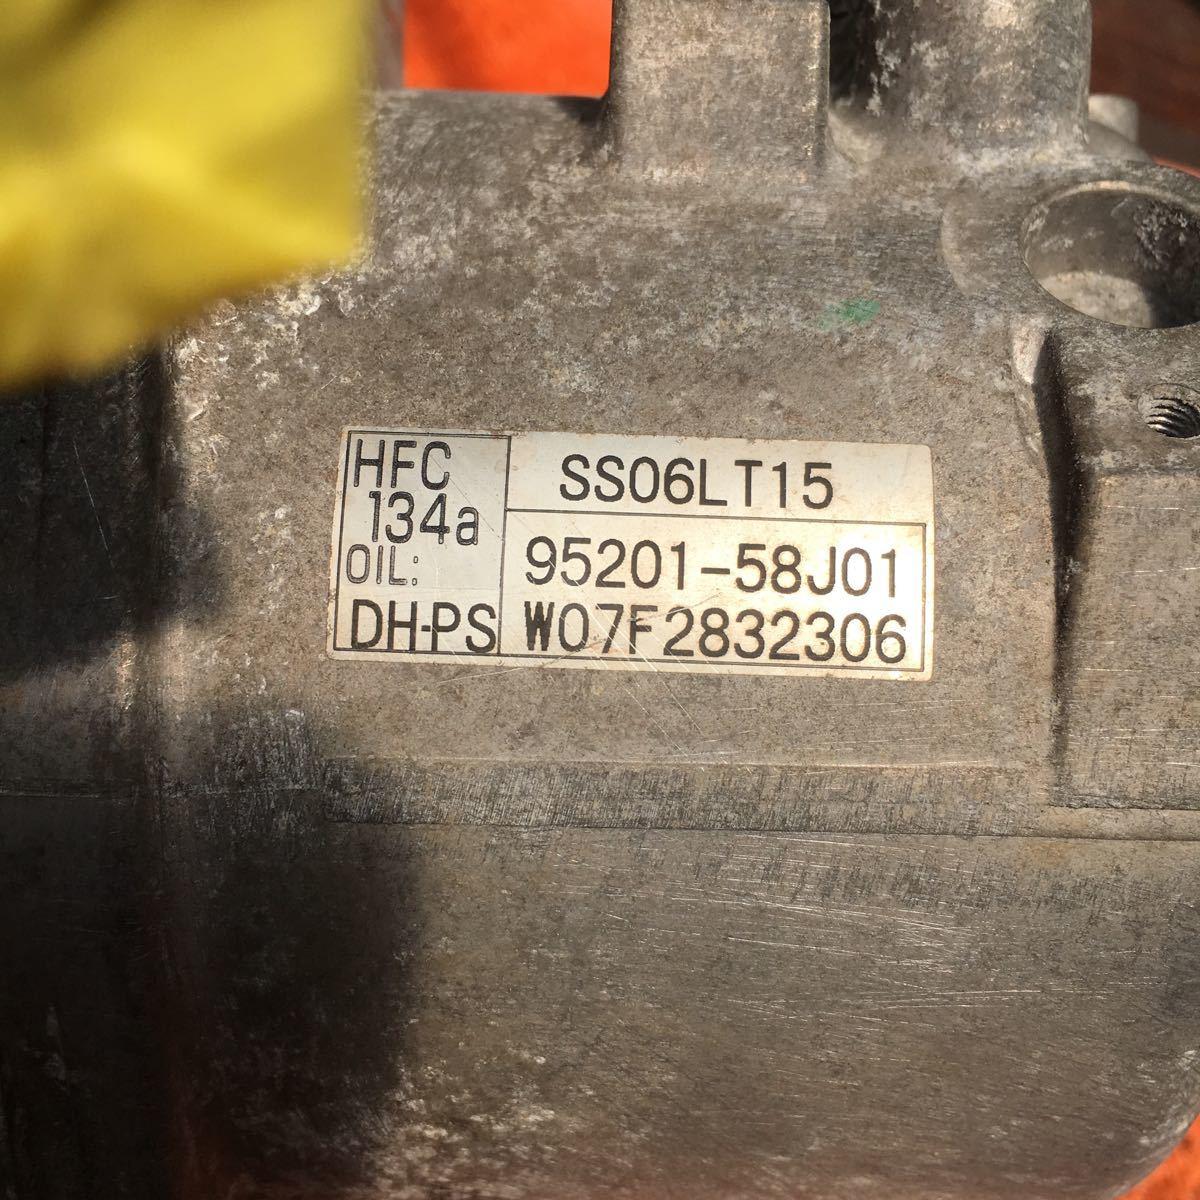 送料込み!ワゴンR MH22S エアコンコンプレッサー SS06LT15 95201-58J01_画像6